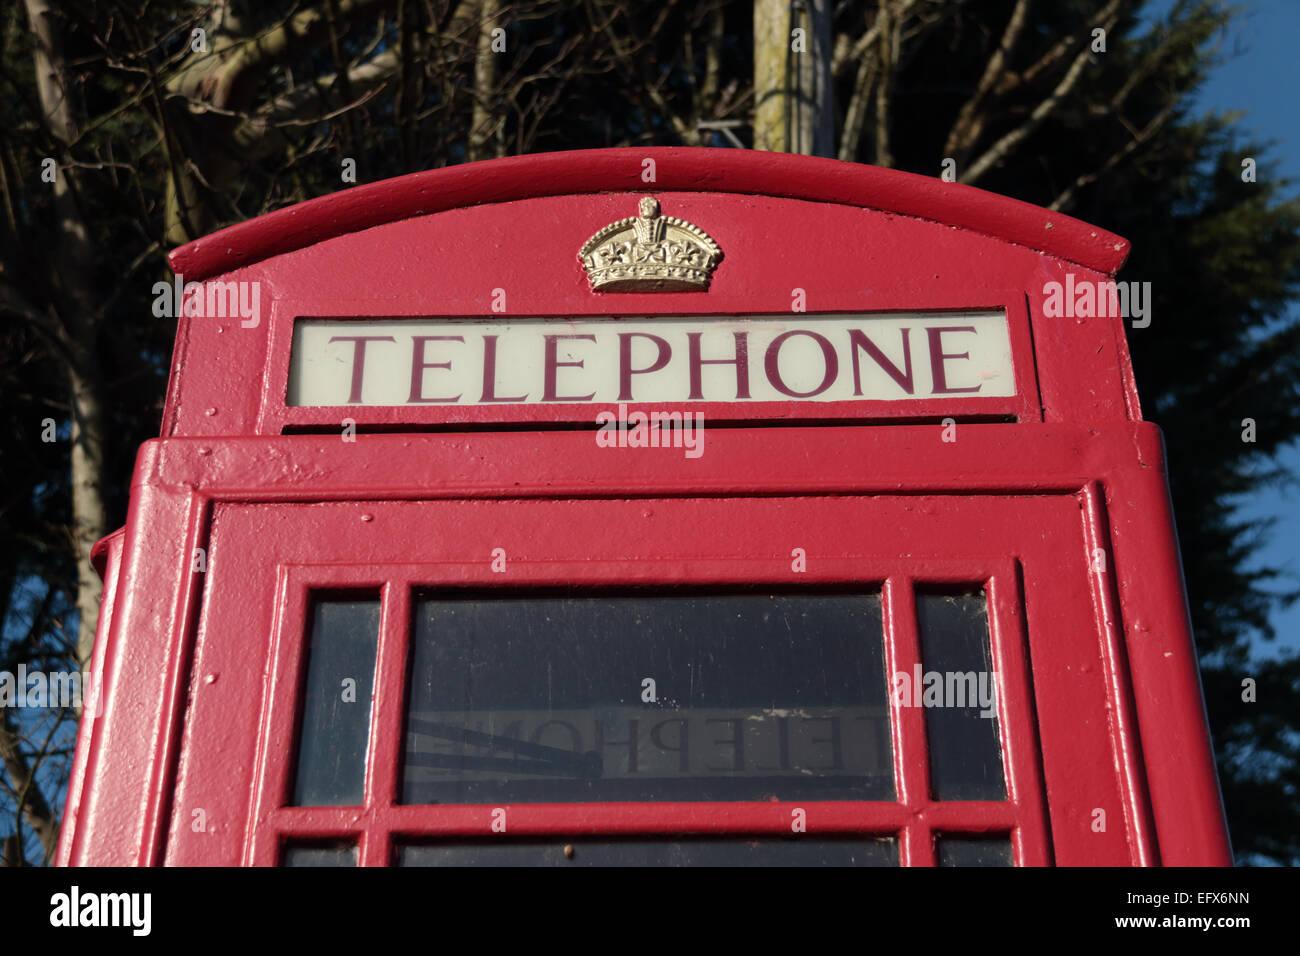 British iconic red telephone box - Stock Image